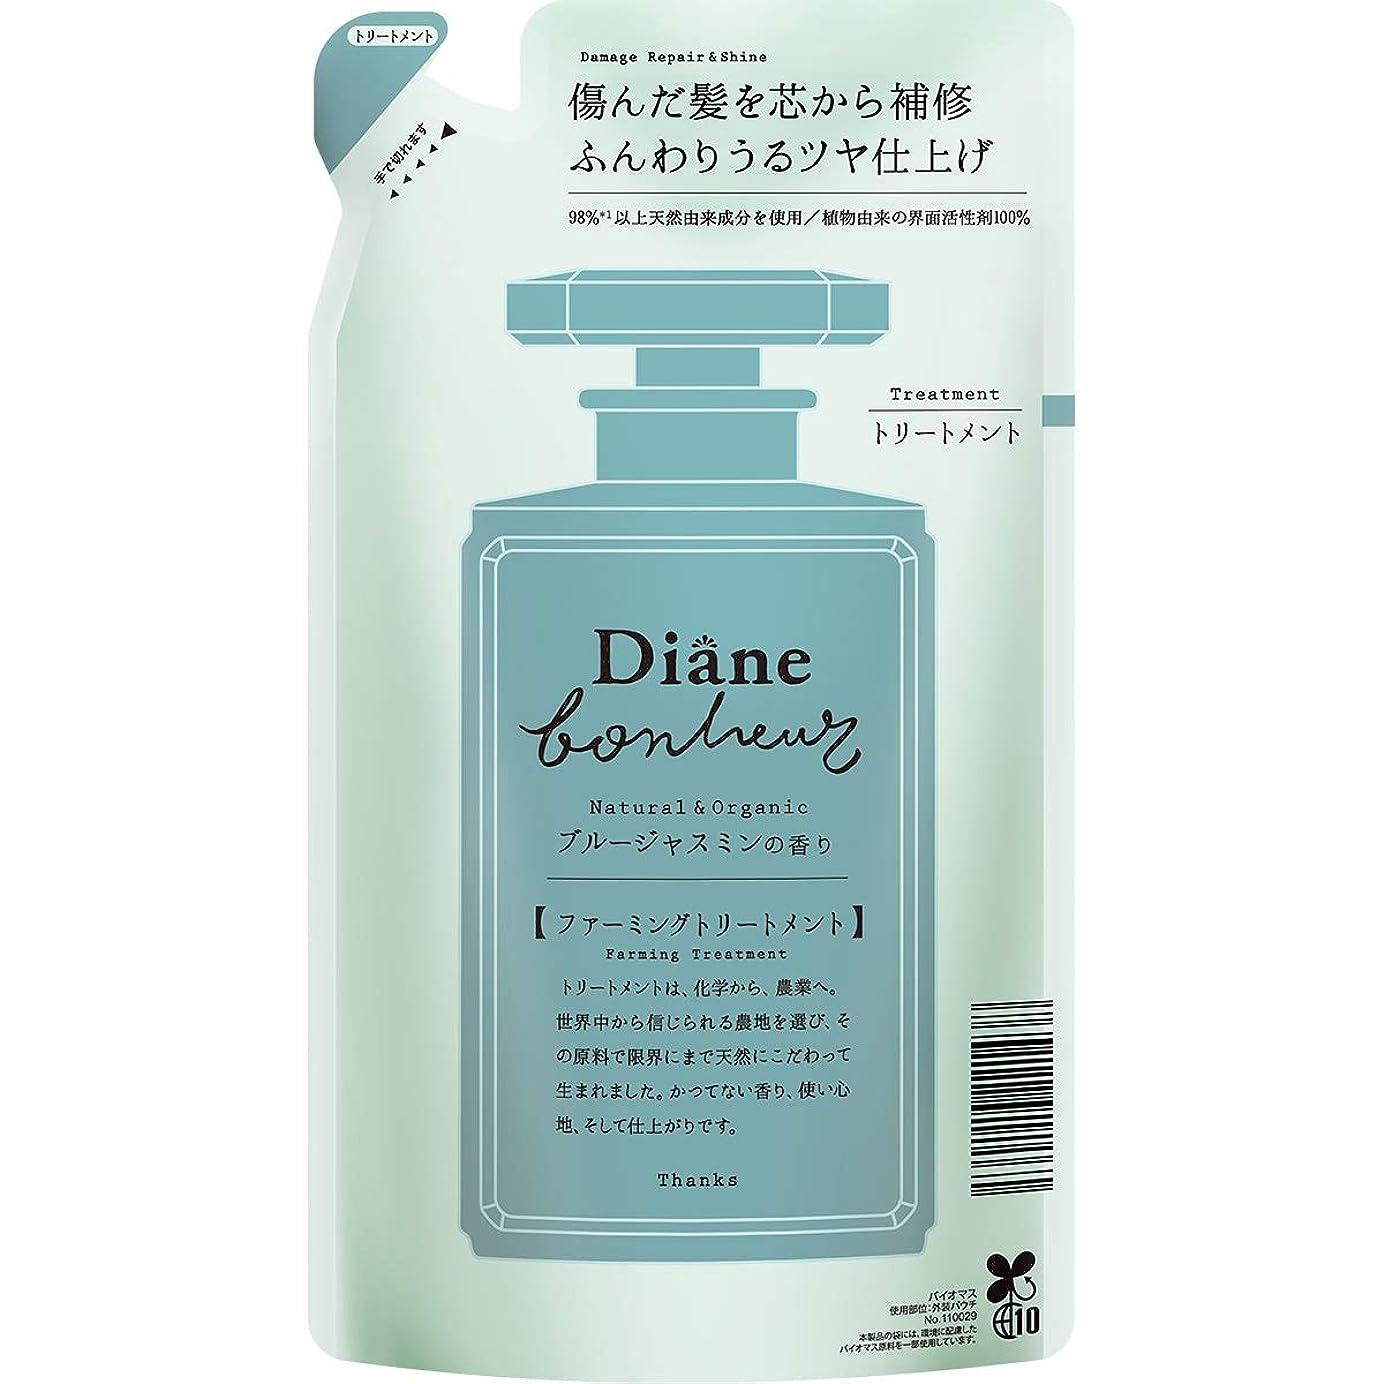 まだ友だち荷物ダイアン ボヌール トリートメント ブルージャスミンの香り ダメージリペア&シャイン 詰め替え 400ml